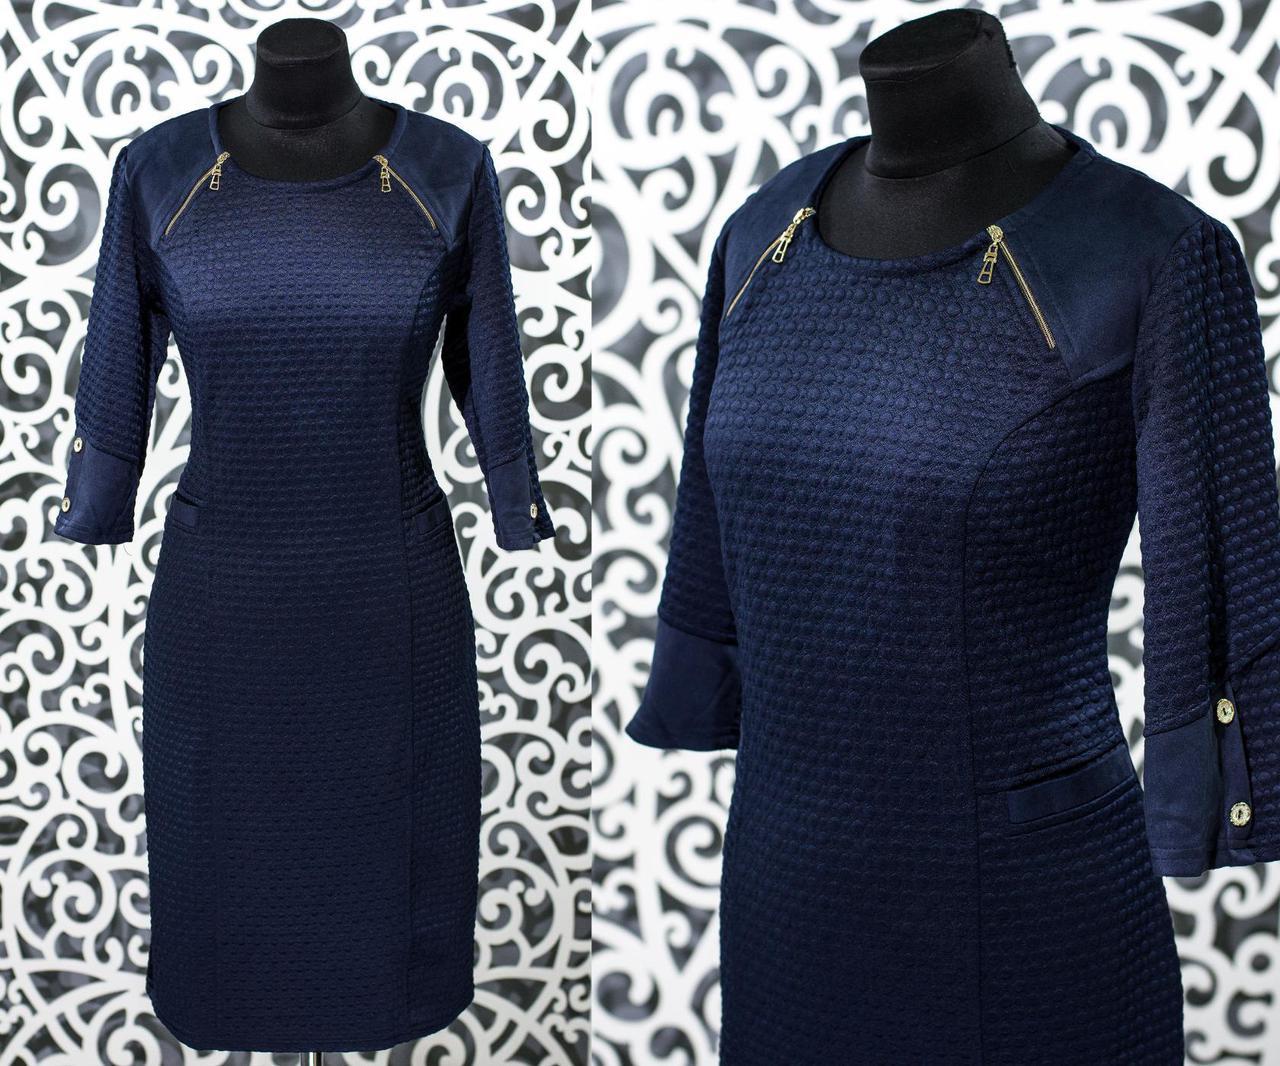 """Нежное женское платье ткань """"Стеганый трикотаж"""" со вставками из ЭкоКожи  50, 52, 54, 56  размер батал"""